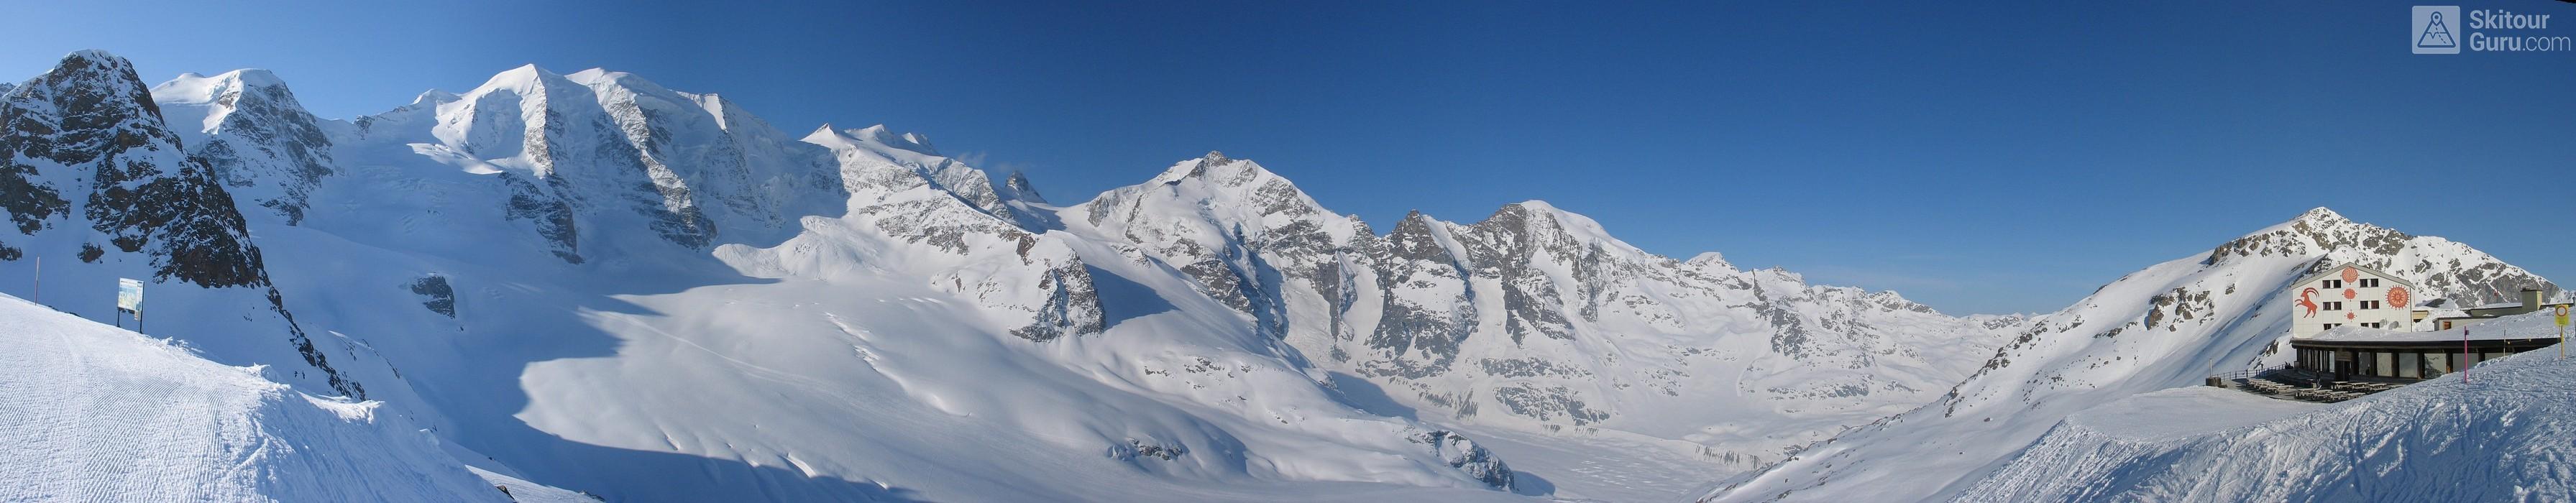 Diavolezza Berghaus Bernina Switzerland panorama 32